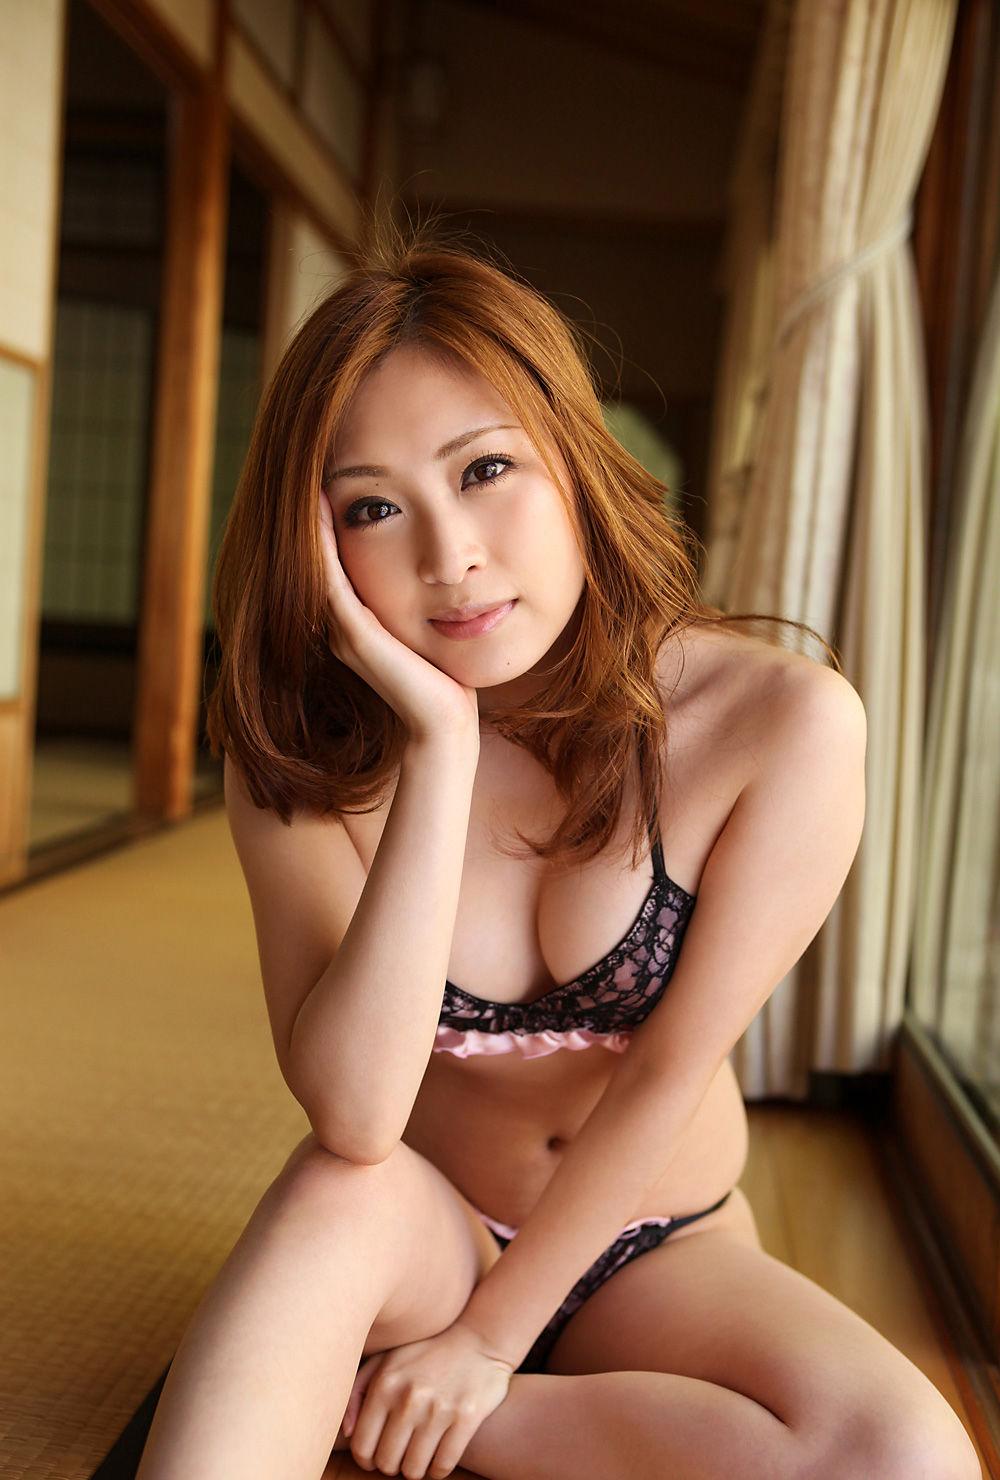 辰巳奈都子 過激 画像 44